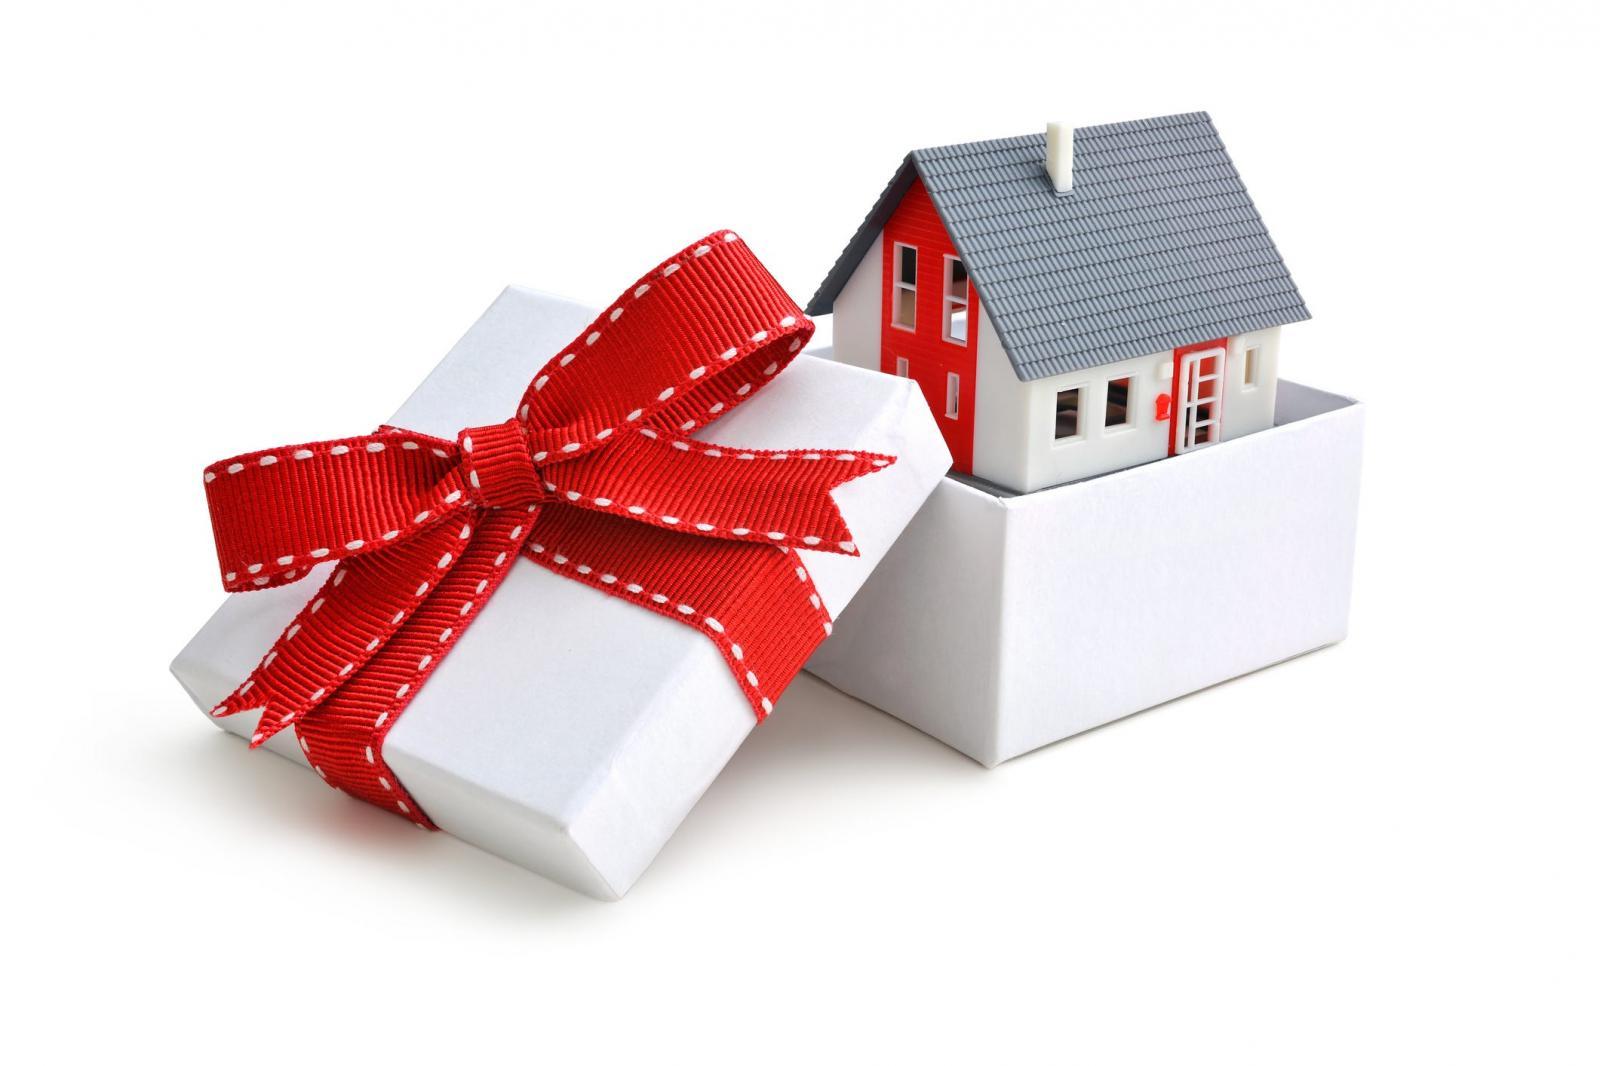 một ngôi nhà được gói trong hộp quà